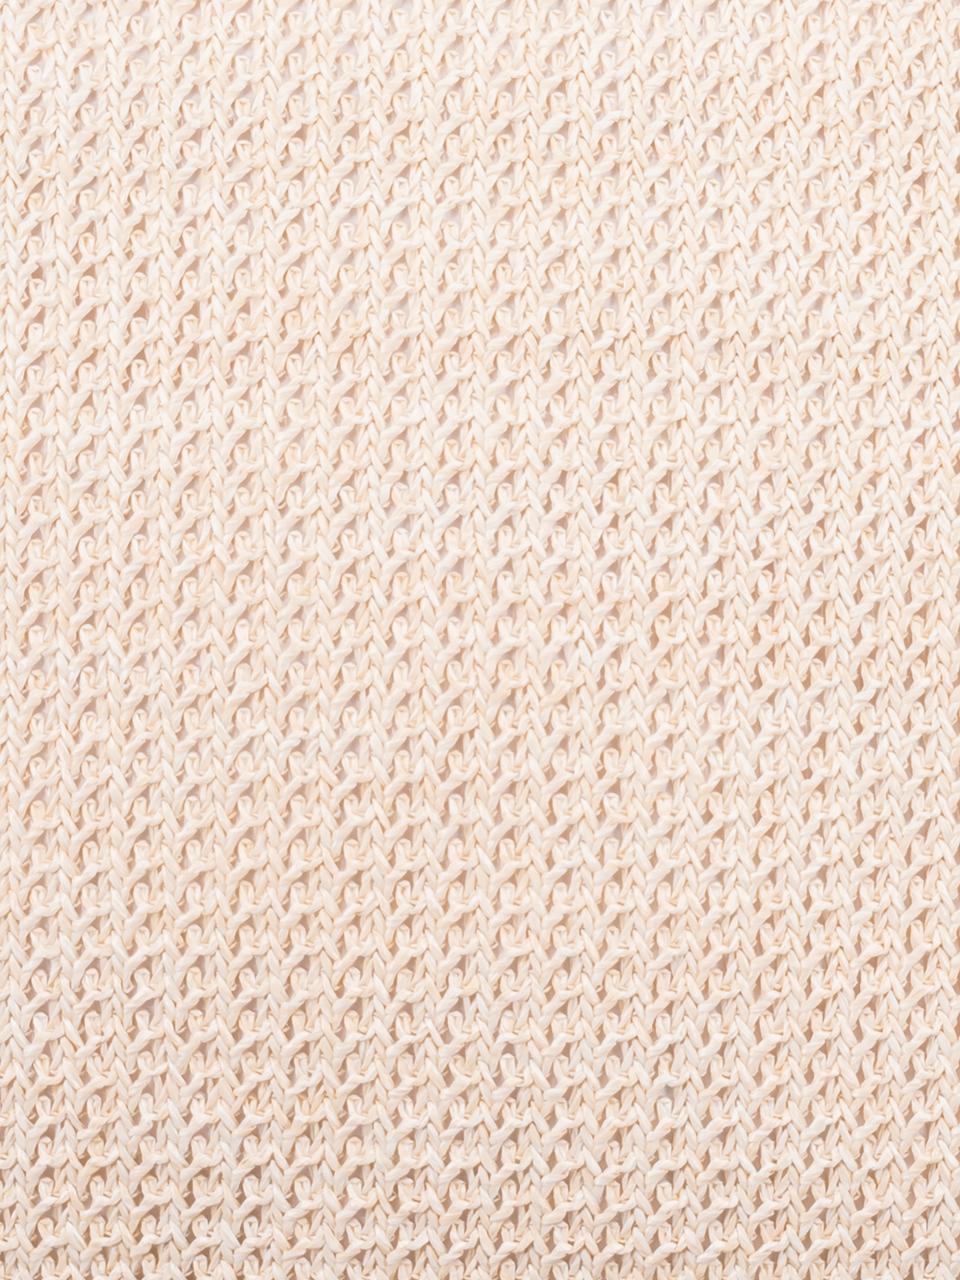 Kussenhoes Tally met juten bies, 50% jute, 50% katoen, Wit, beige, 45 x 45 cm